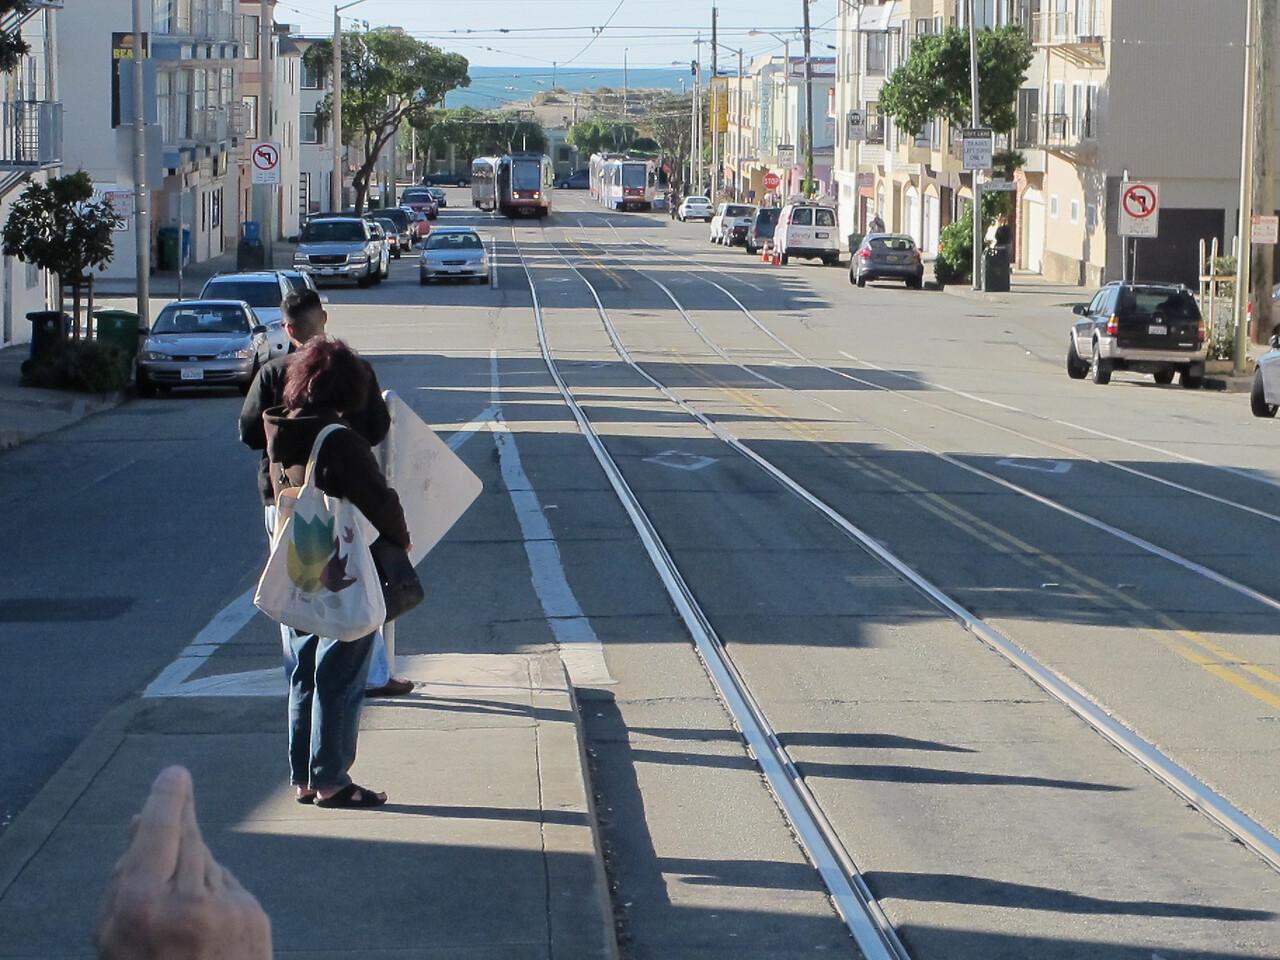 SF Street Car.